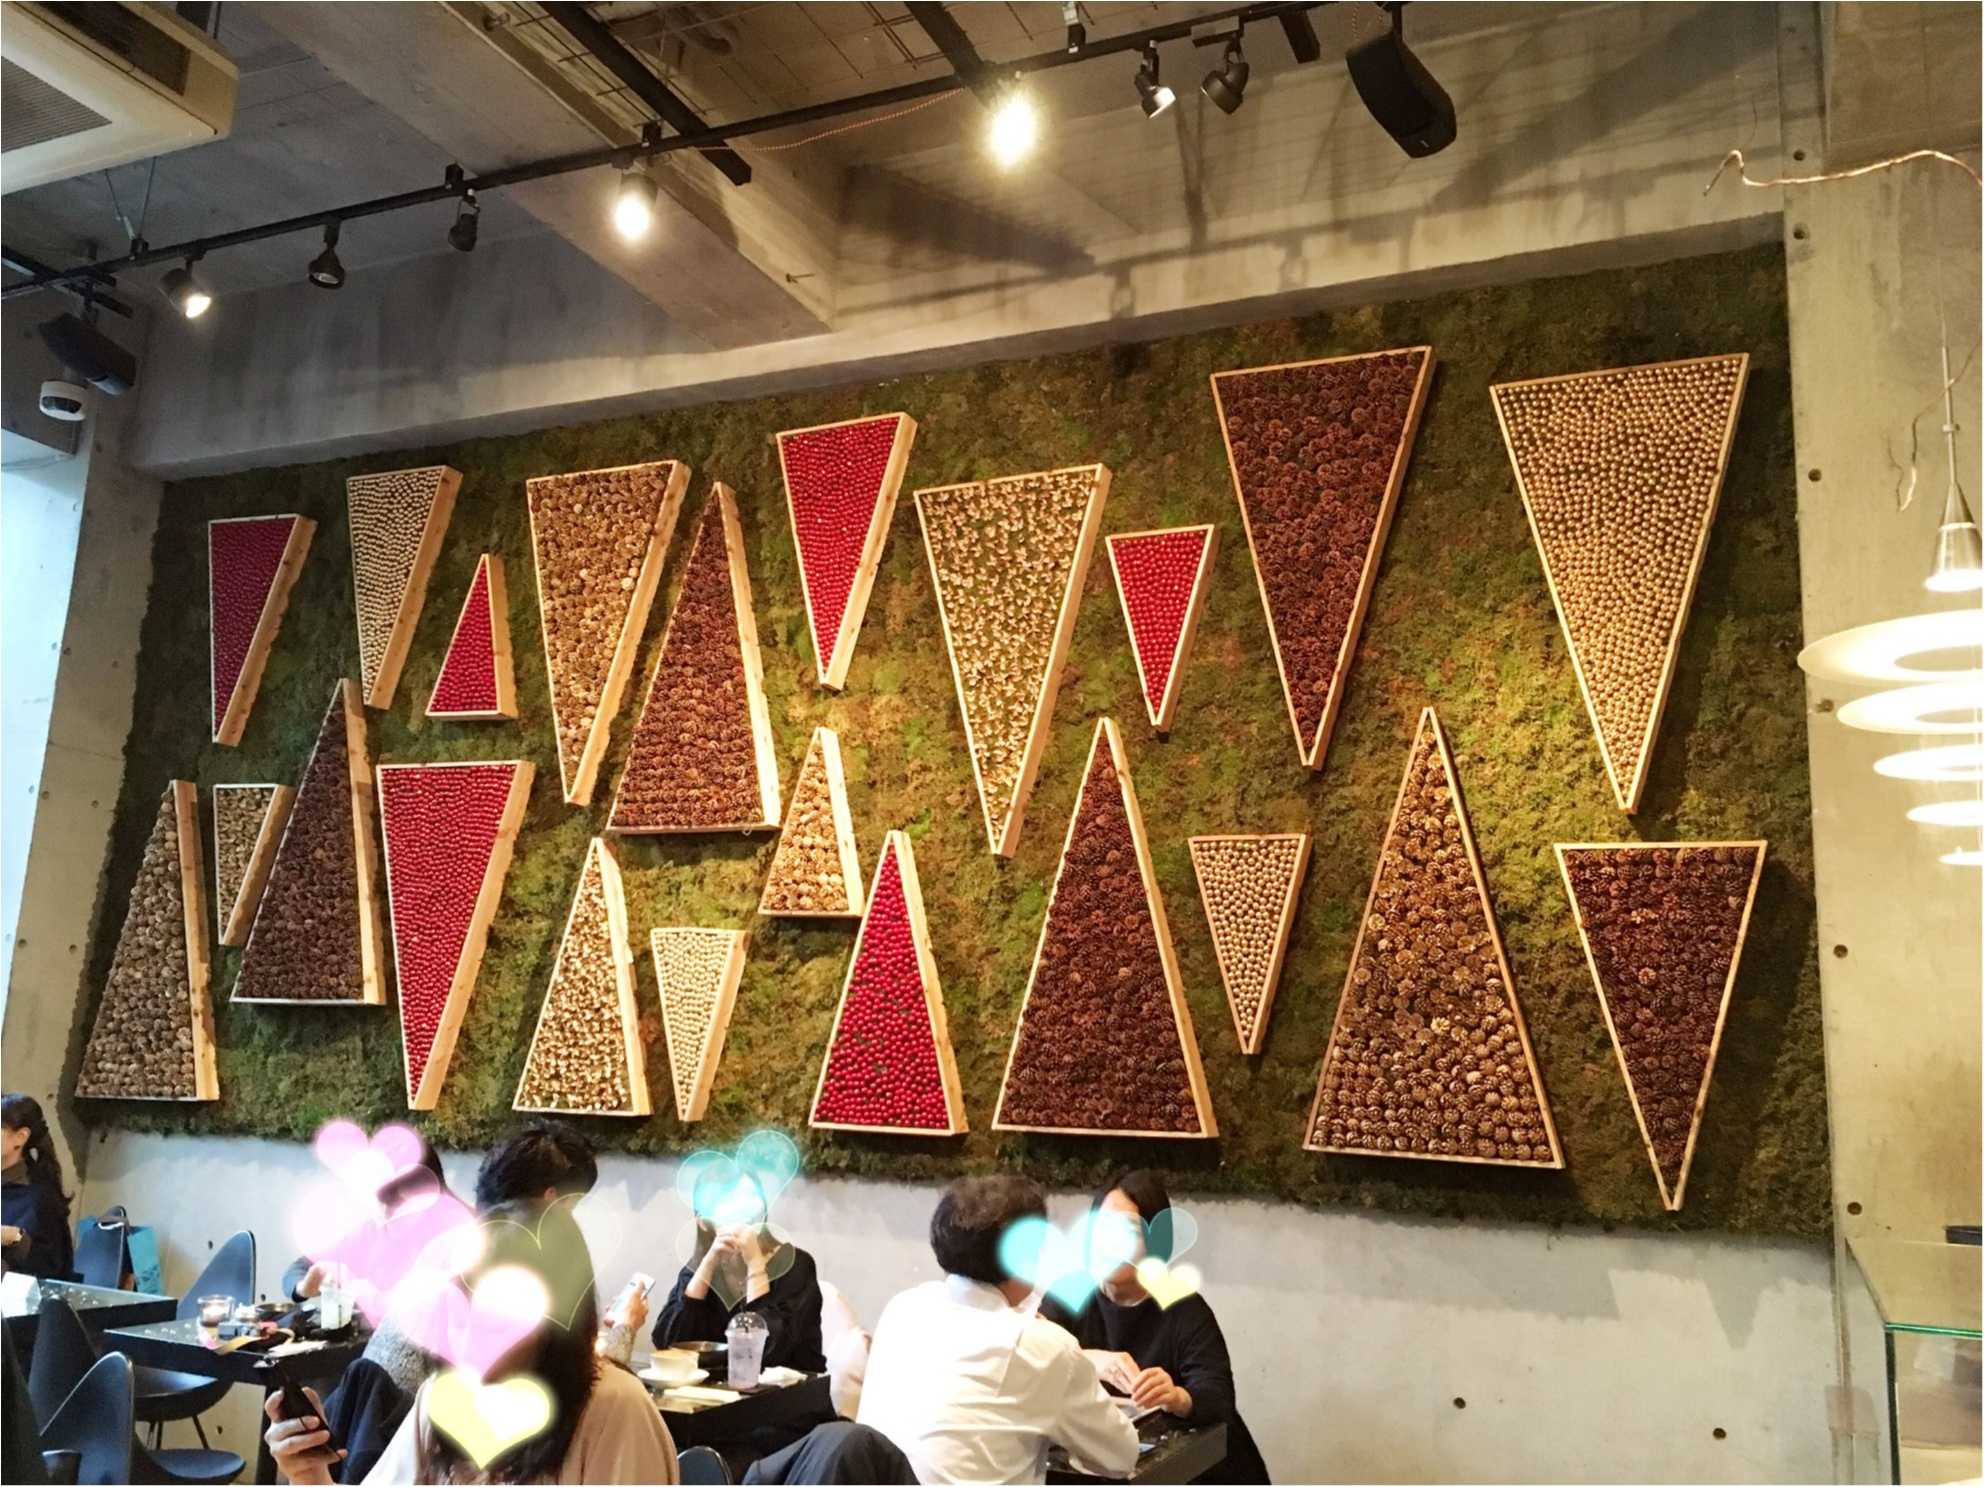 SNS映え確実♡南青山『ニコライバーグマン ノム』でお花に囲まれながら優雅なティータイムを…(﹡´◡`﹡ )_6